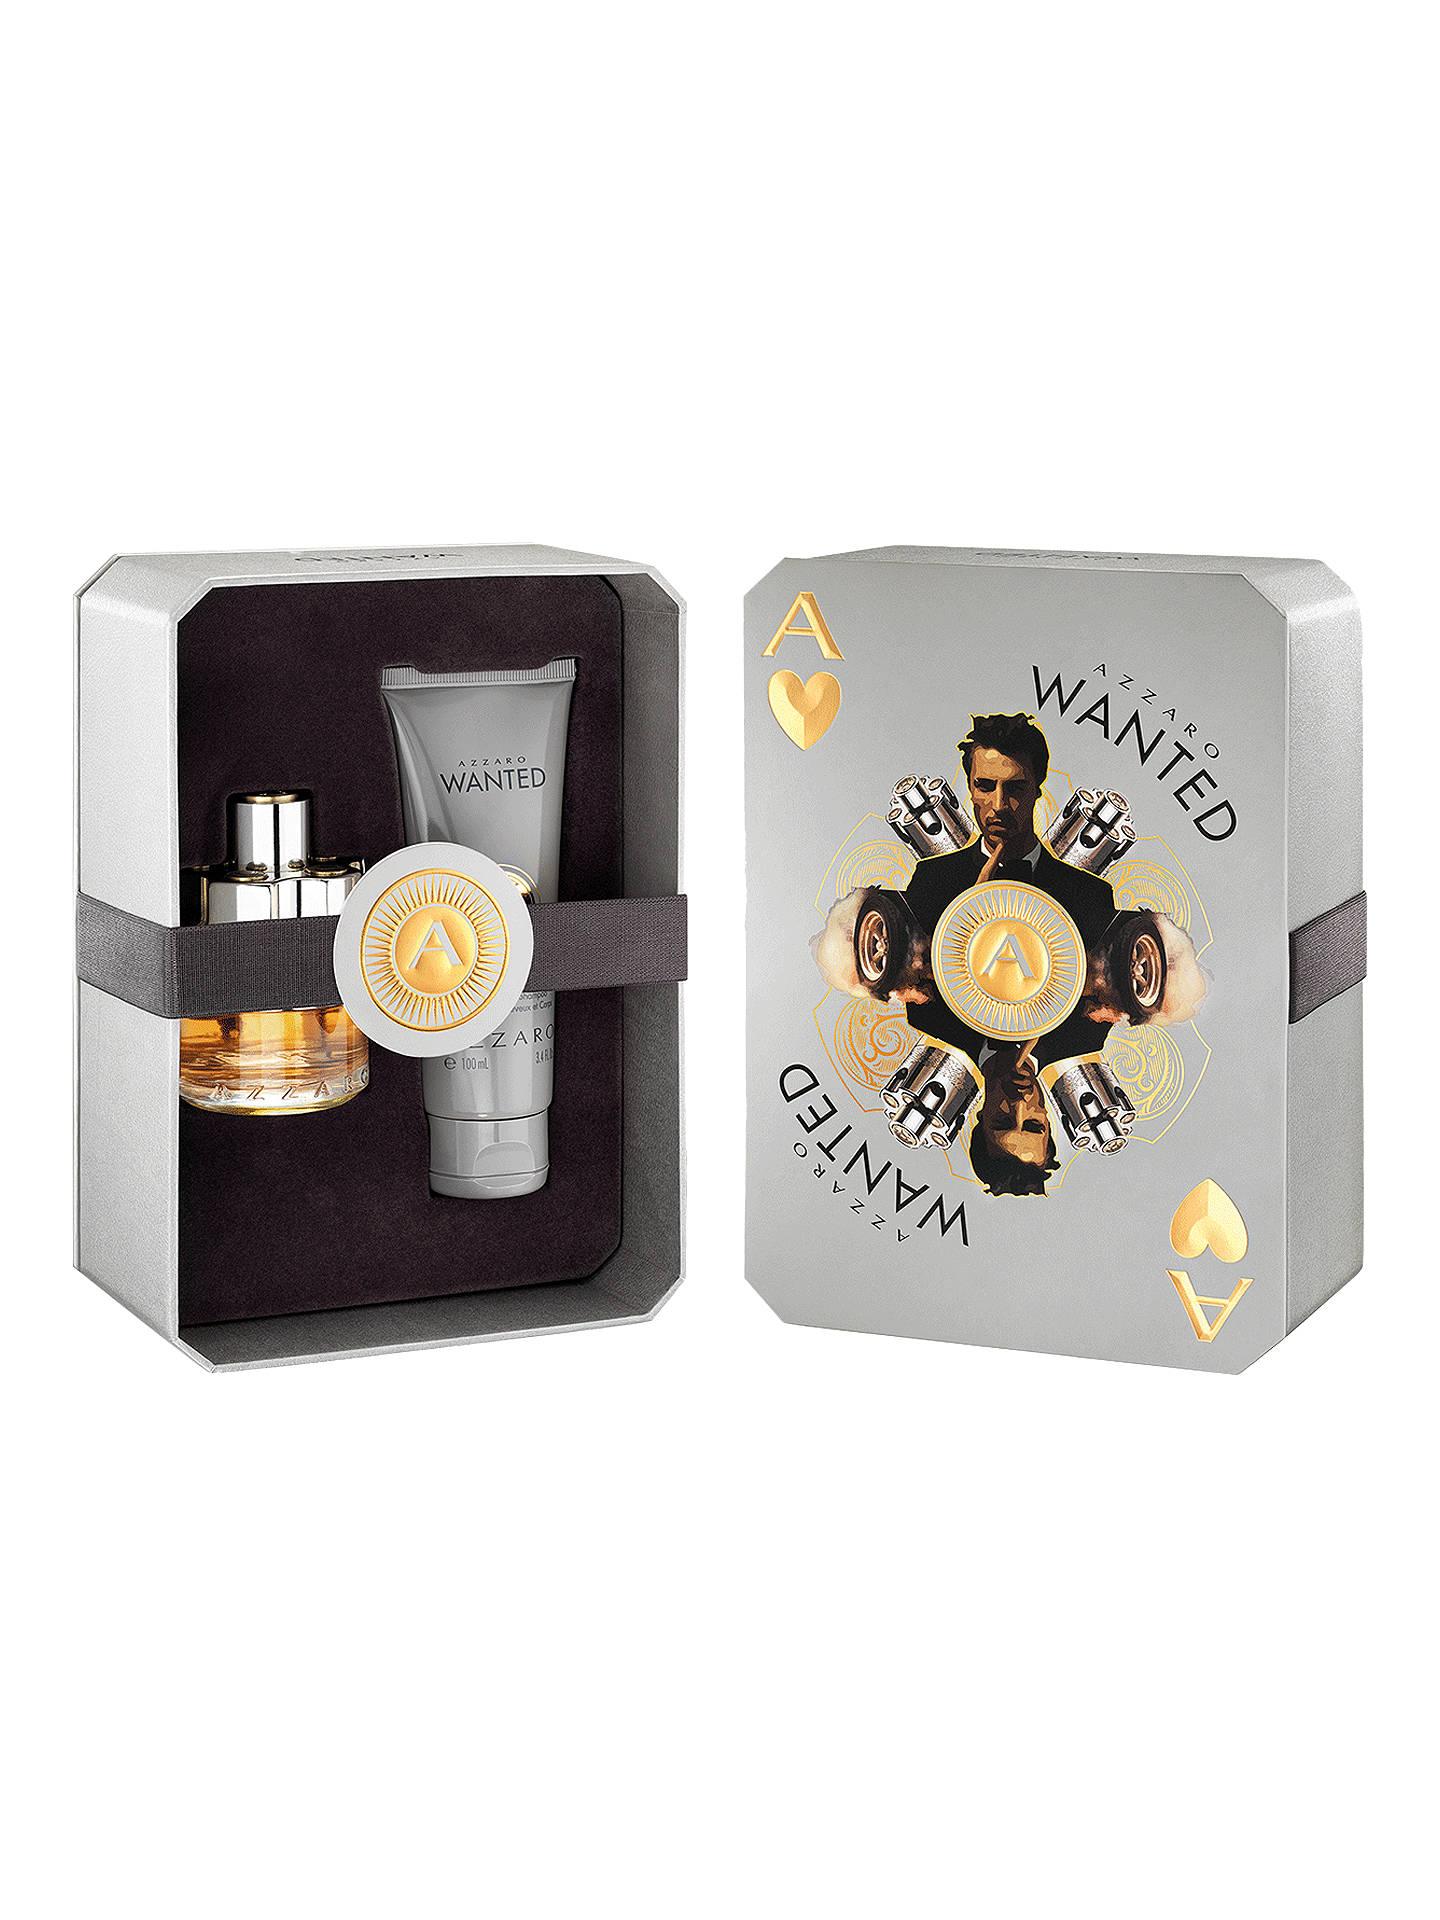 Azzaro Wanted 50ml Eau De Toilette Fragrance Gift Set At John Lewis